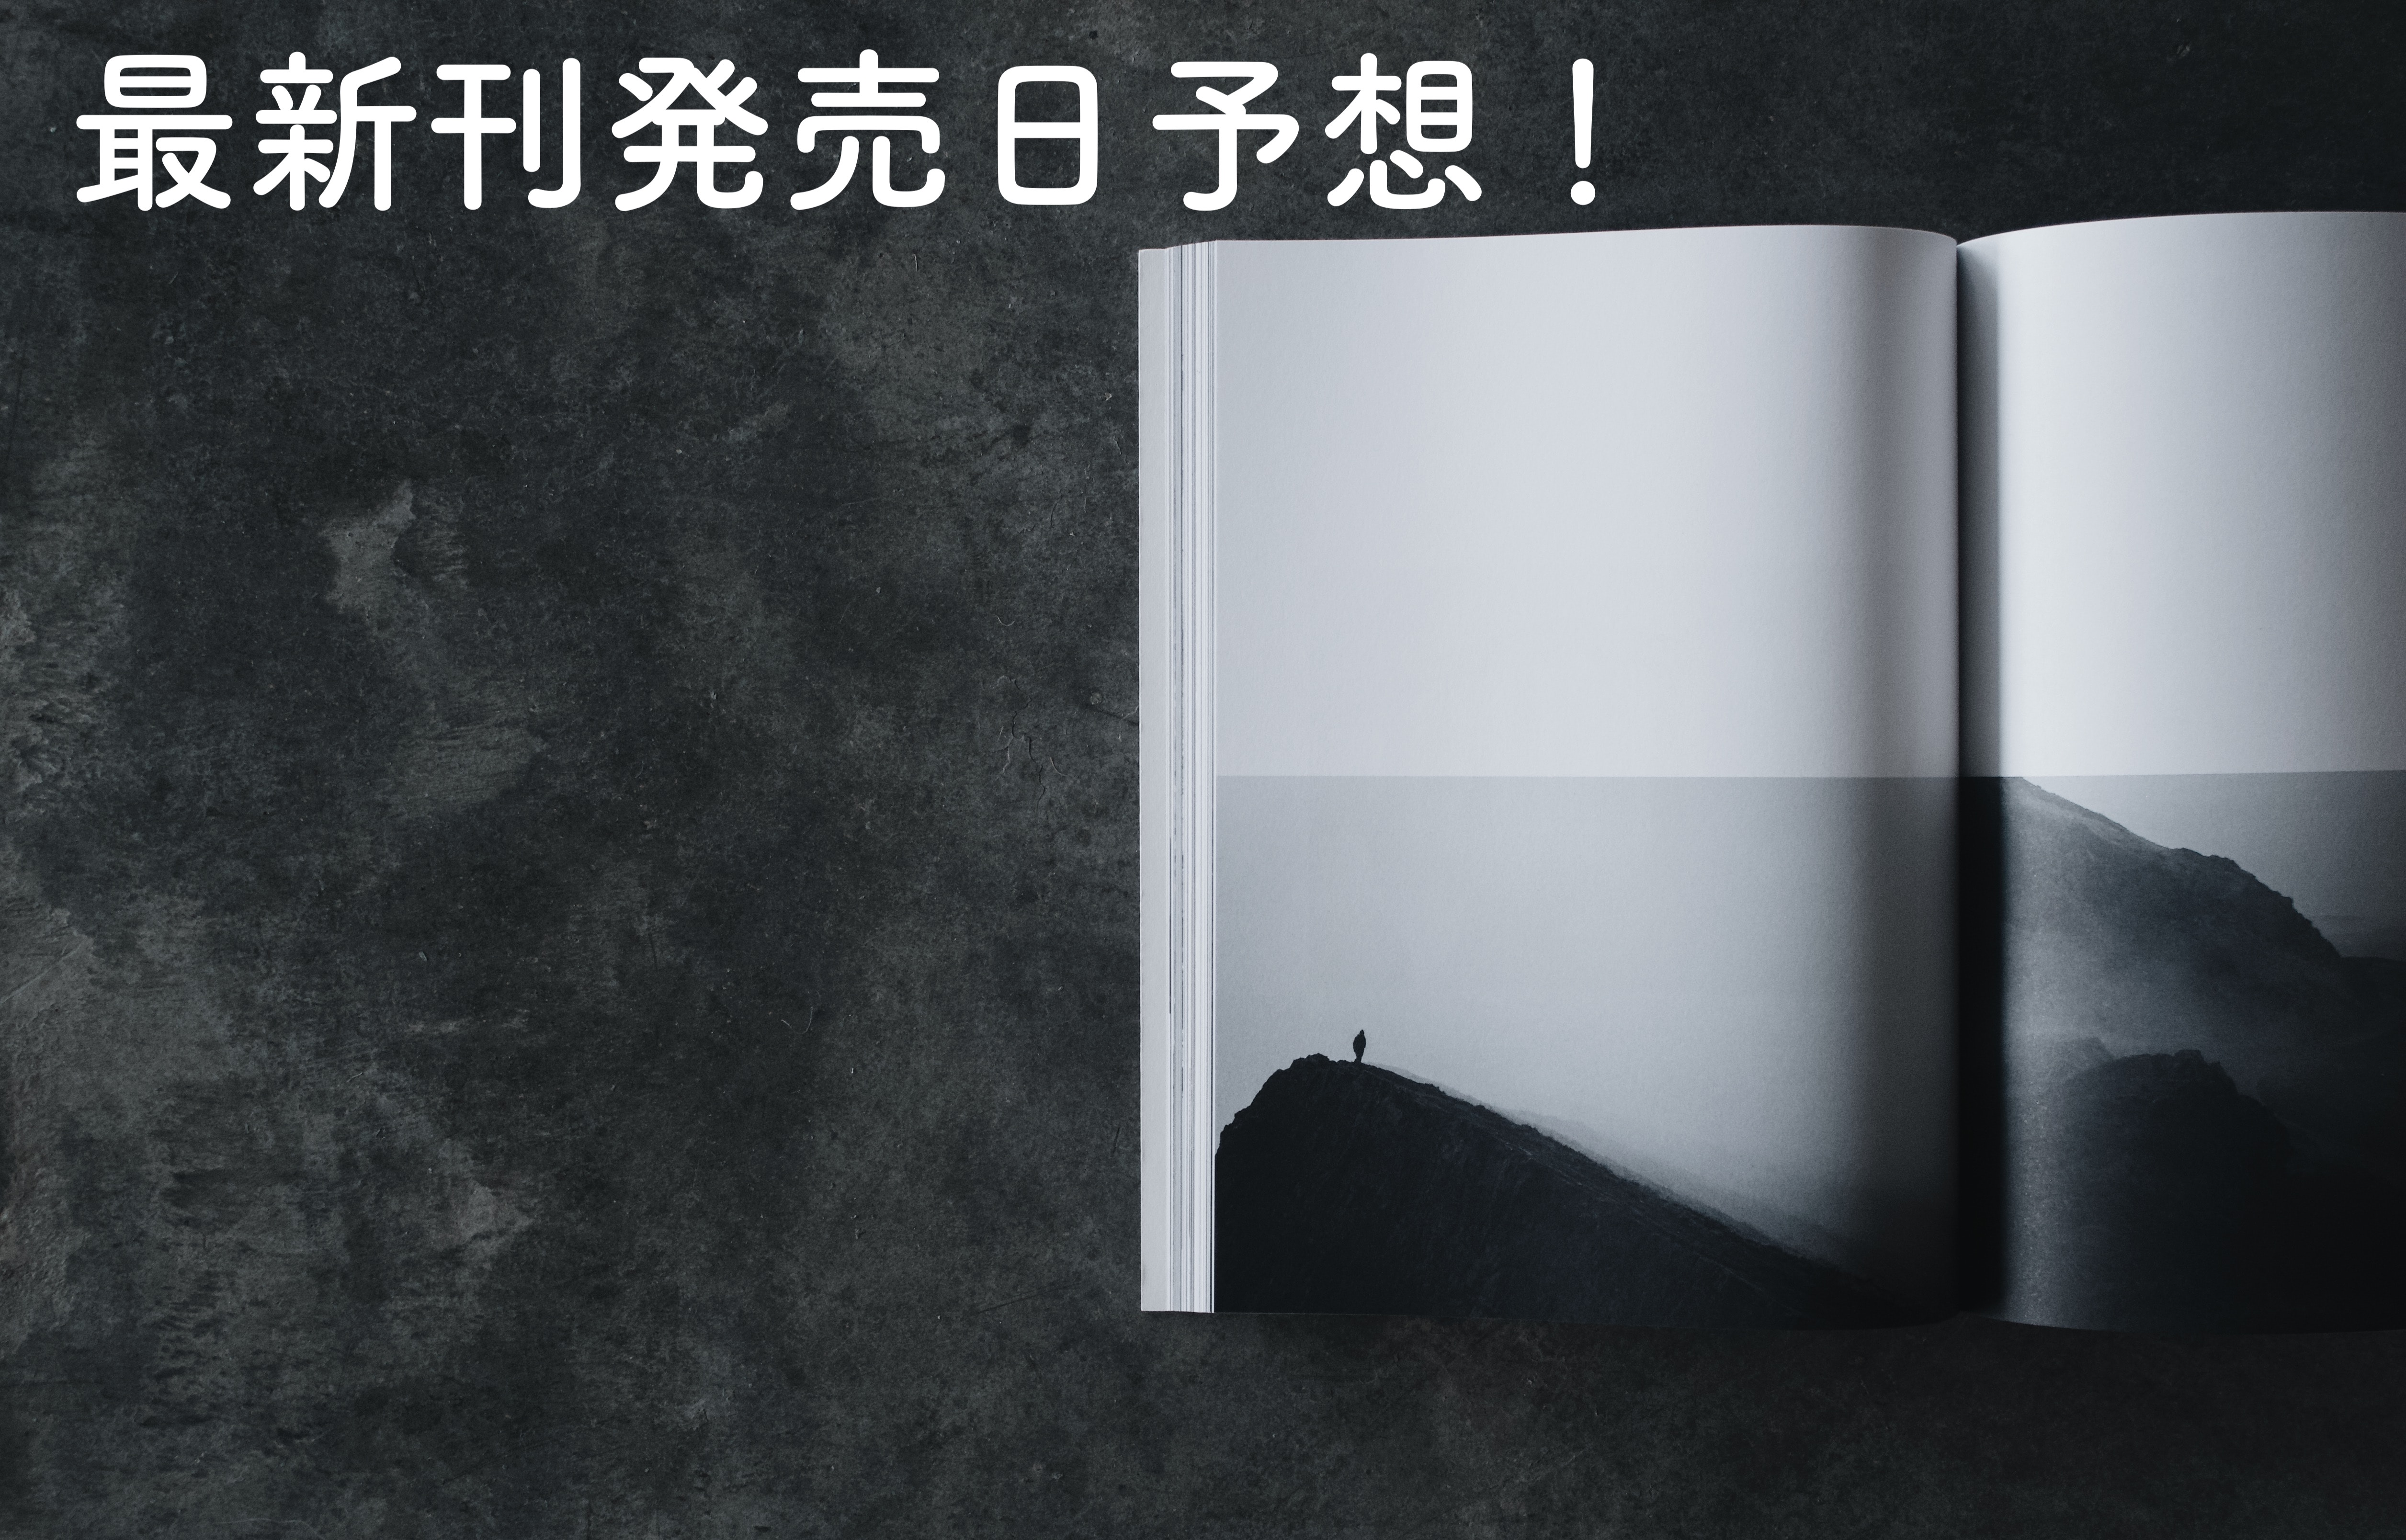 【失格紋の最強賢者】コミック最新刊9巻の発売日!収録話を無料で読む方法も